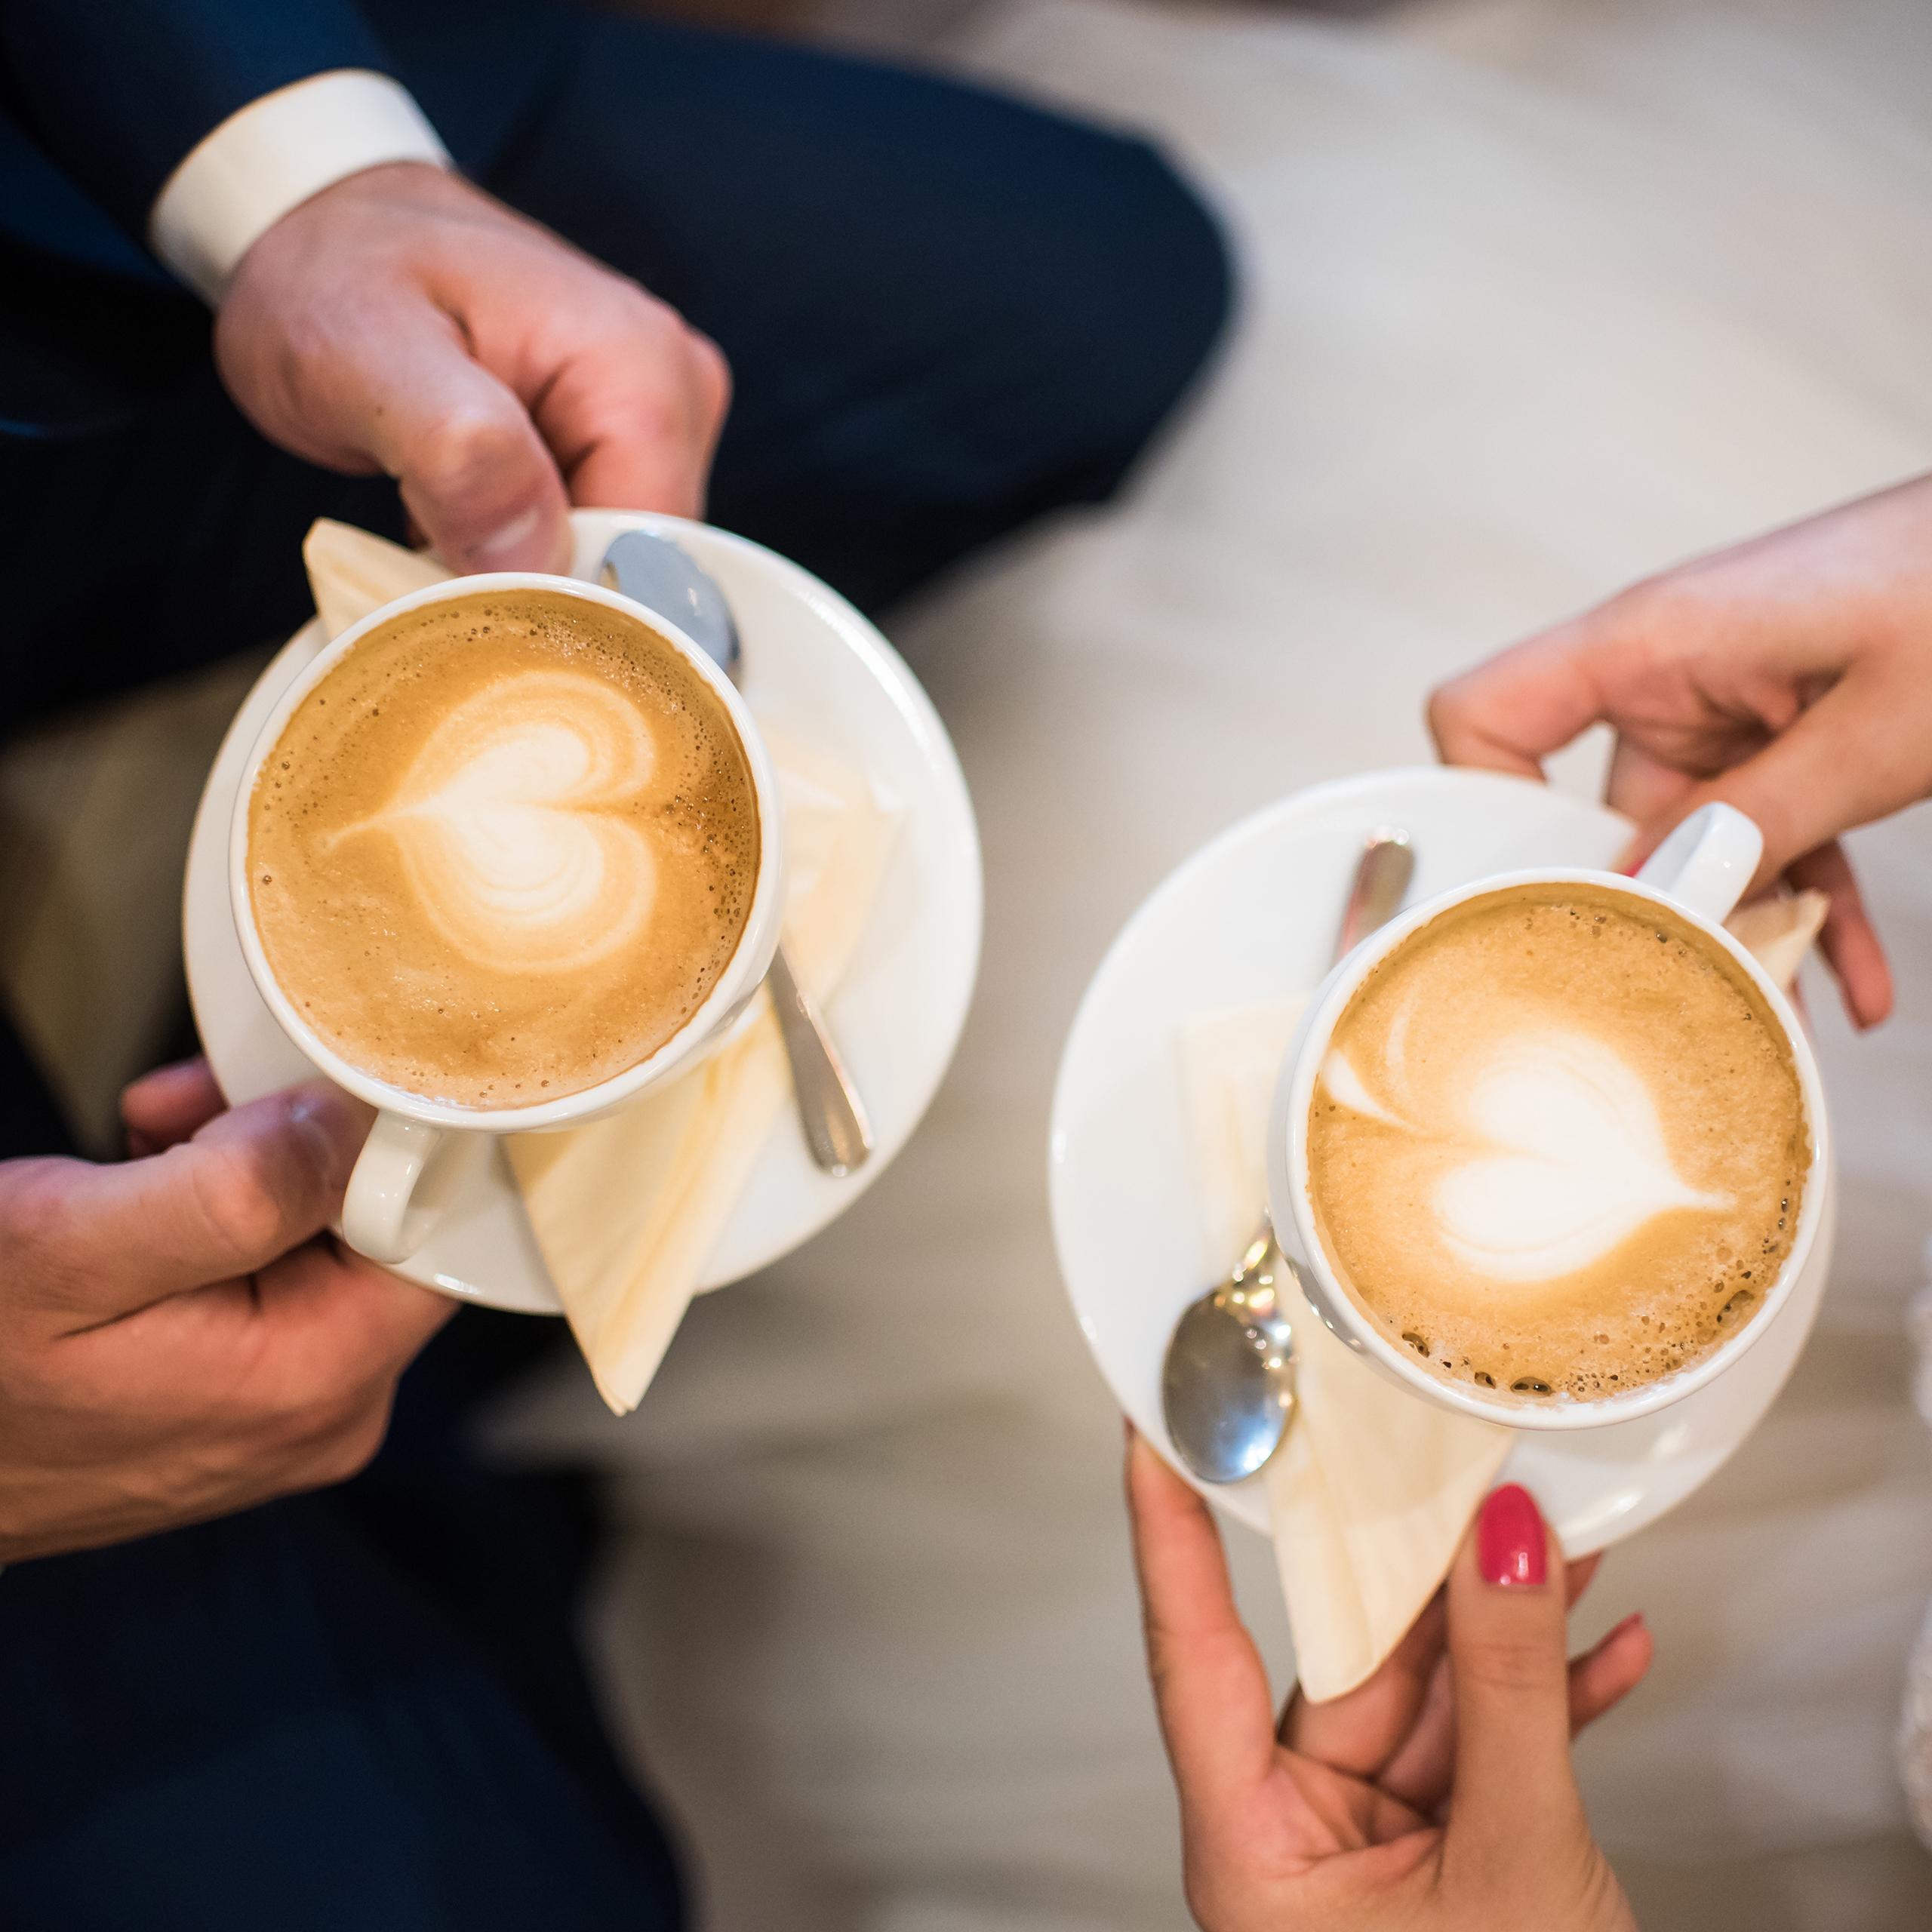 Thermoglaeser-Set-2-Glaeser-Doppelwand-Latte-Macchiato-Cappuccino-Espresso Indexbild 5